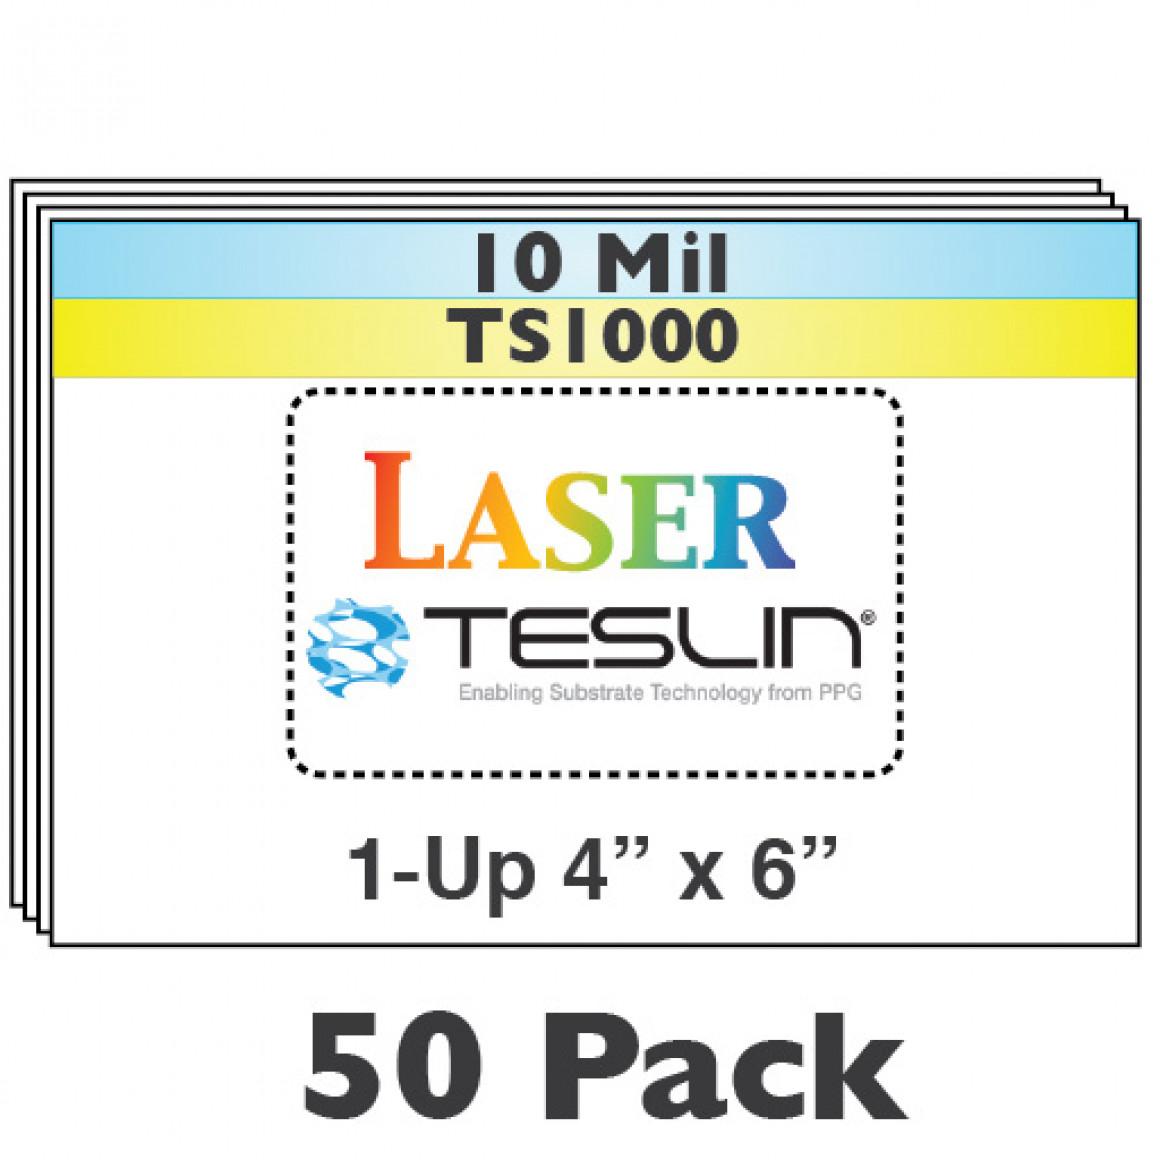 1-Up Laser Teslin - 50 Pack